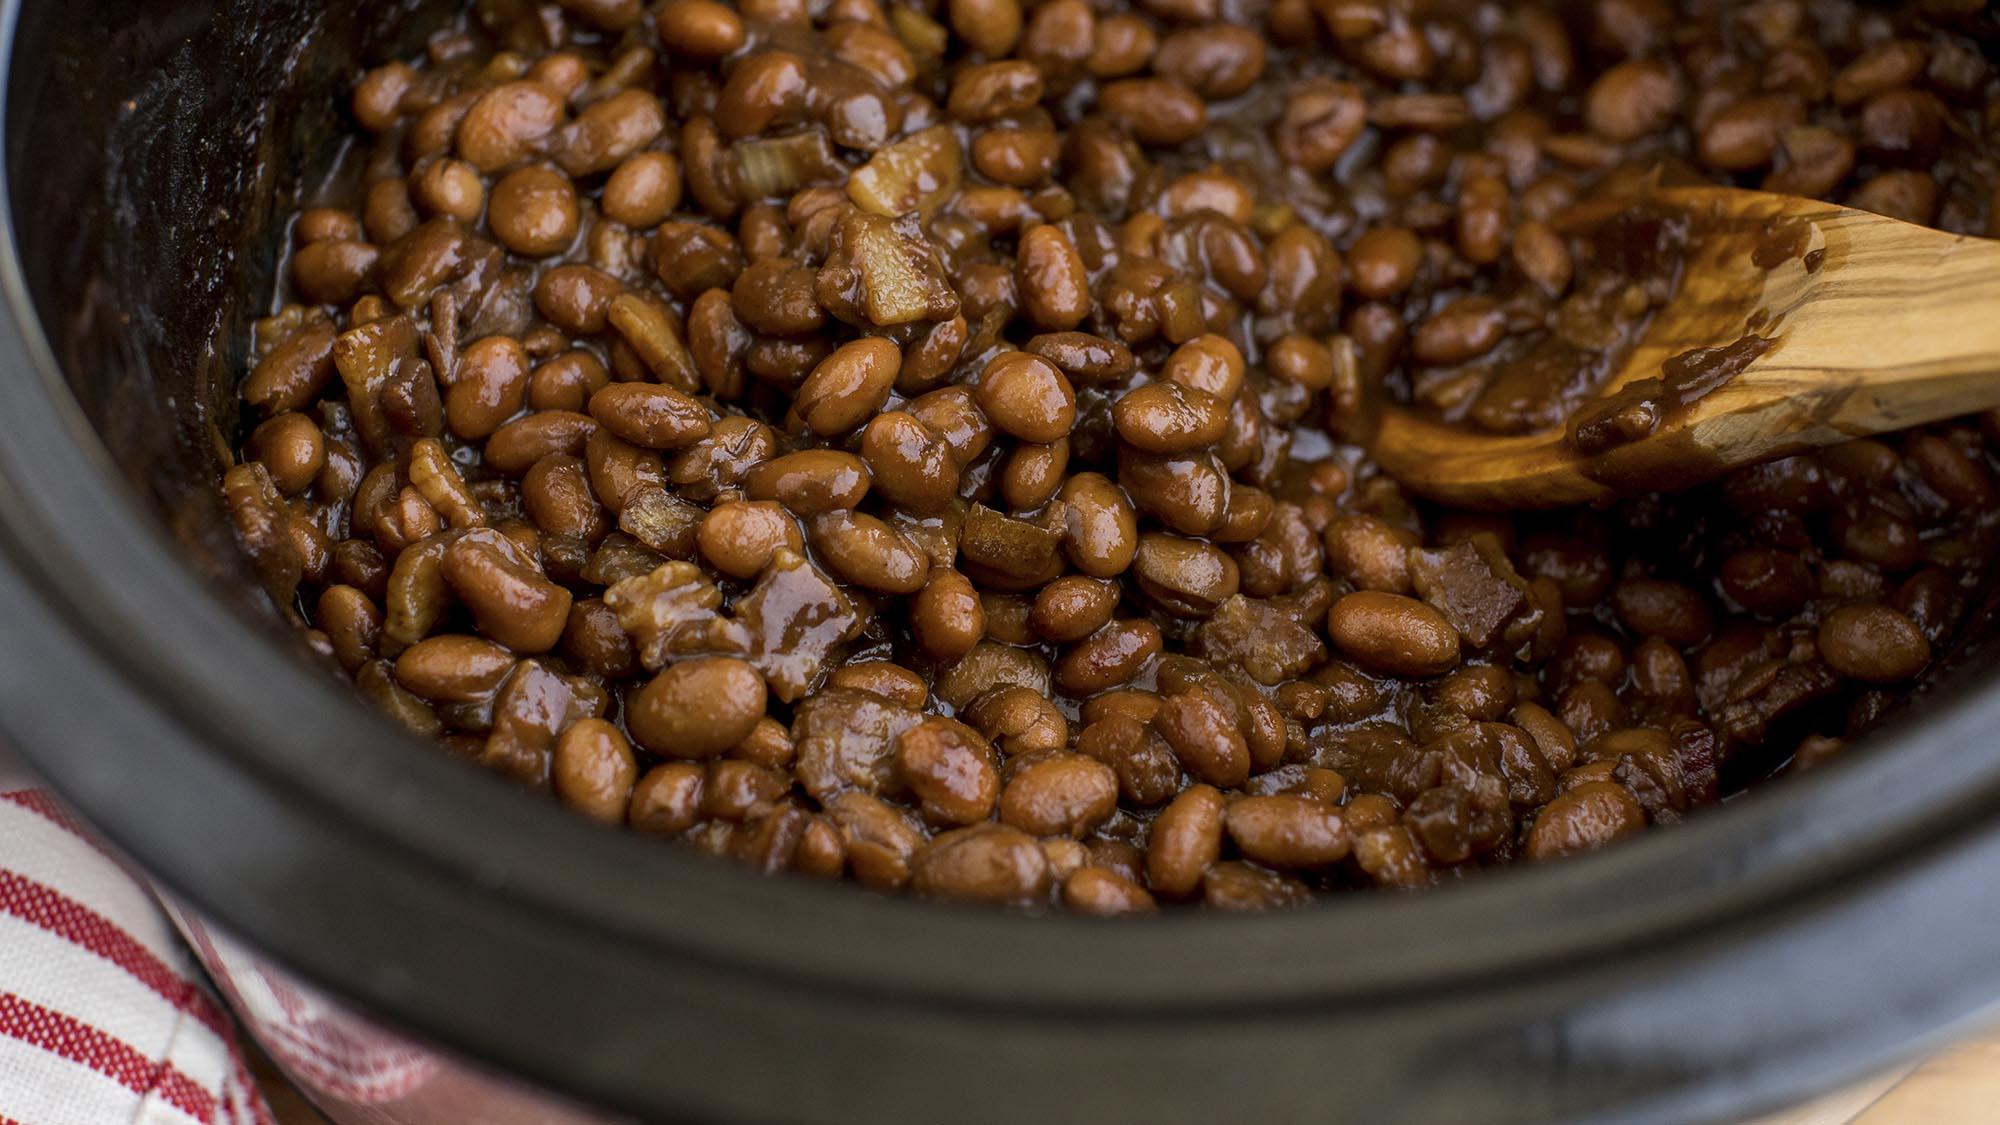 slow_cooker_baked_beans_2000x1125.jpg